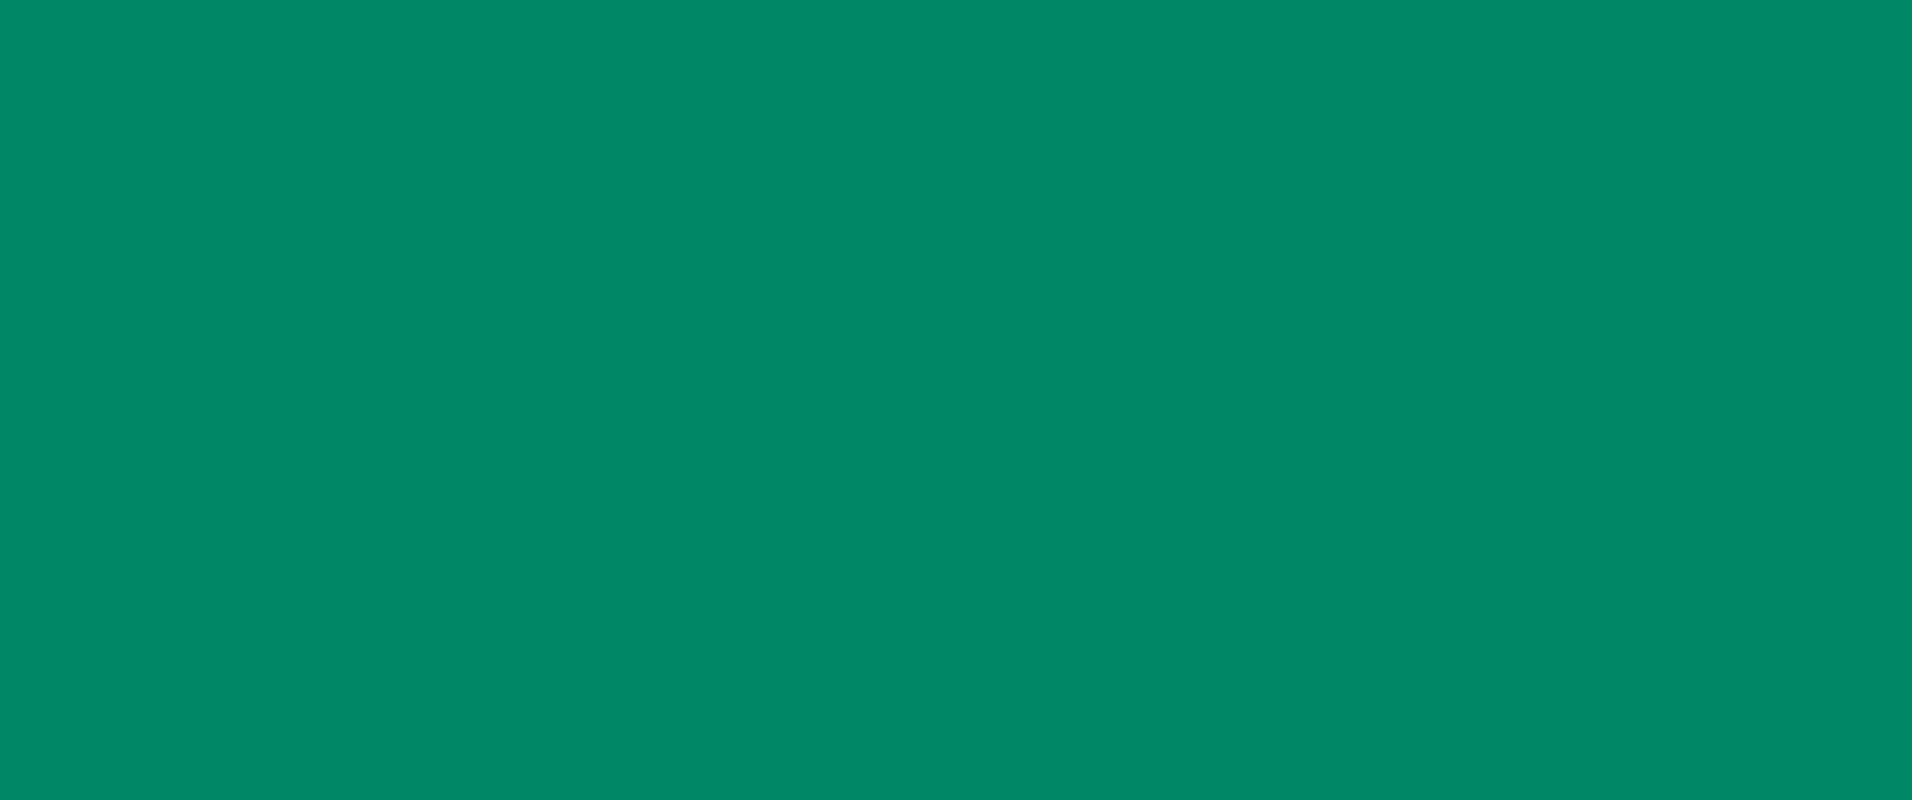 T-shirtmarker Texi Mäx - 2 - 4 mm, groen